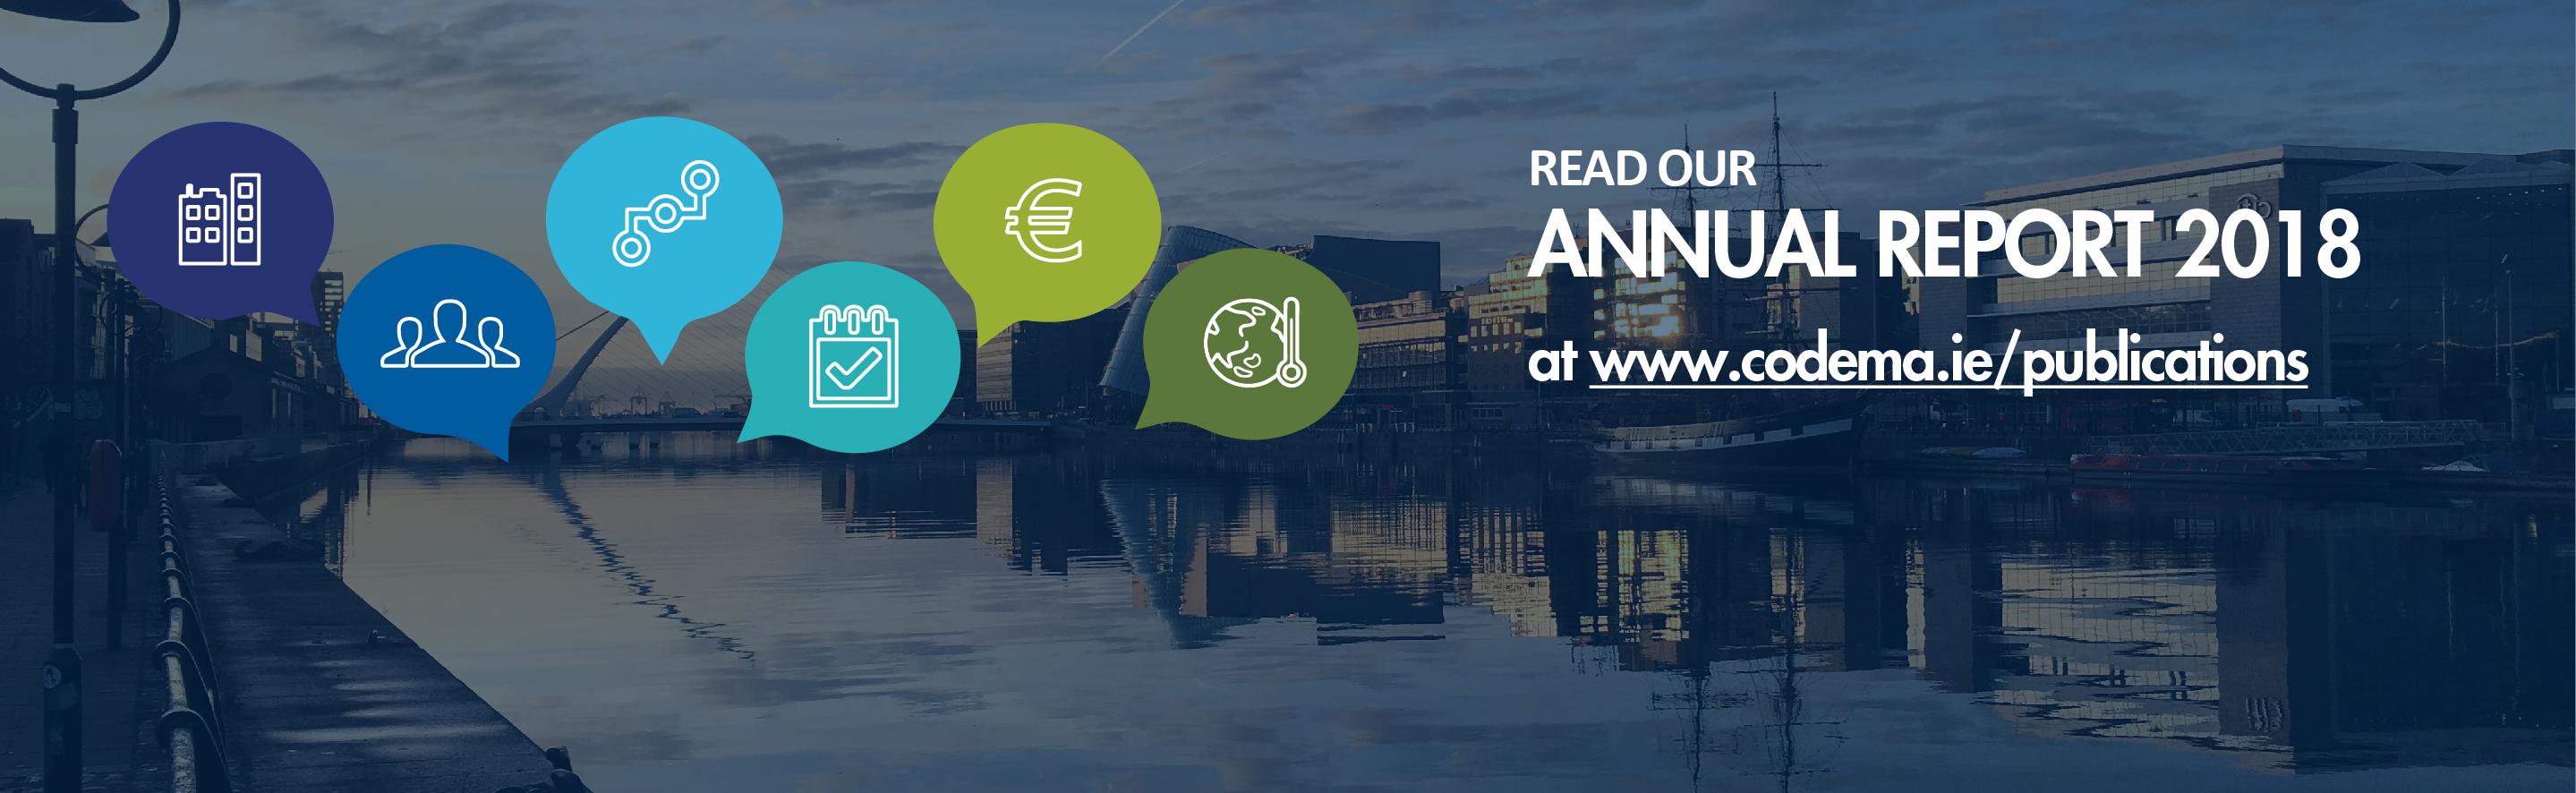 Codema Annual Report 2018